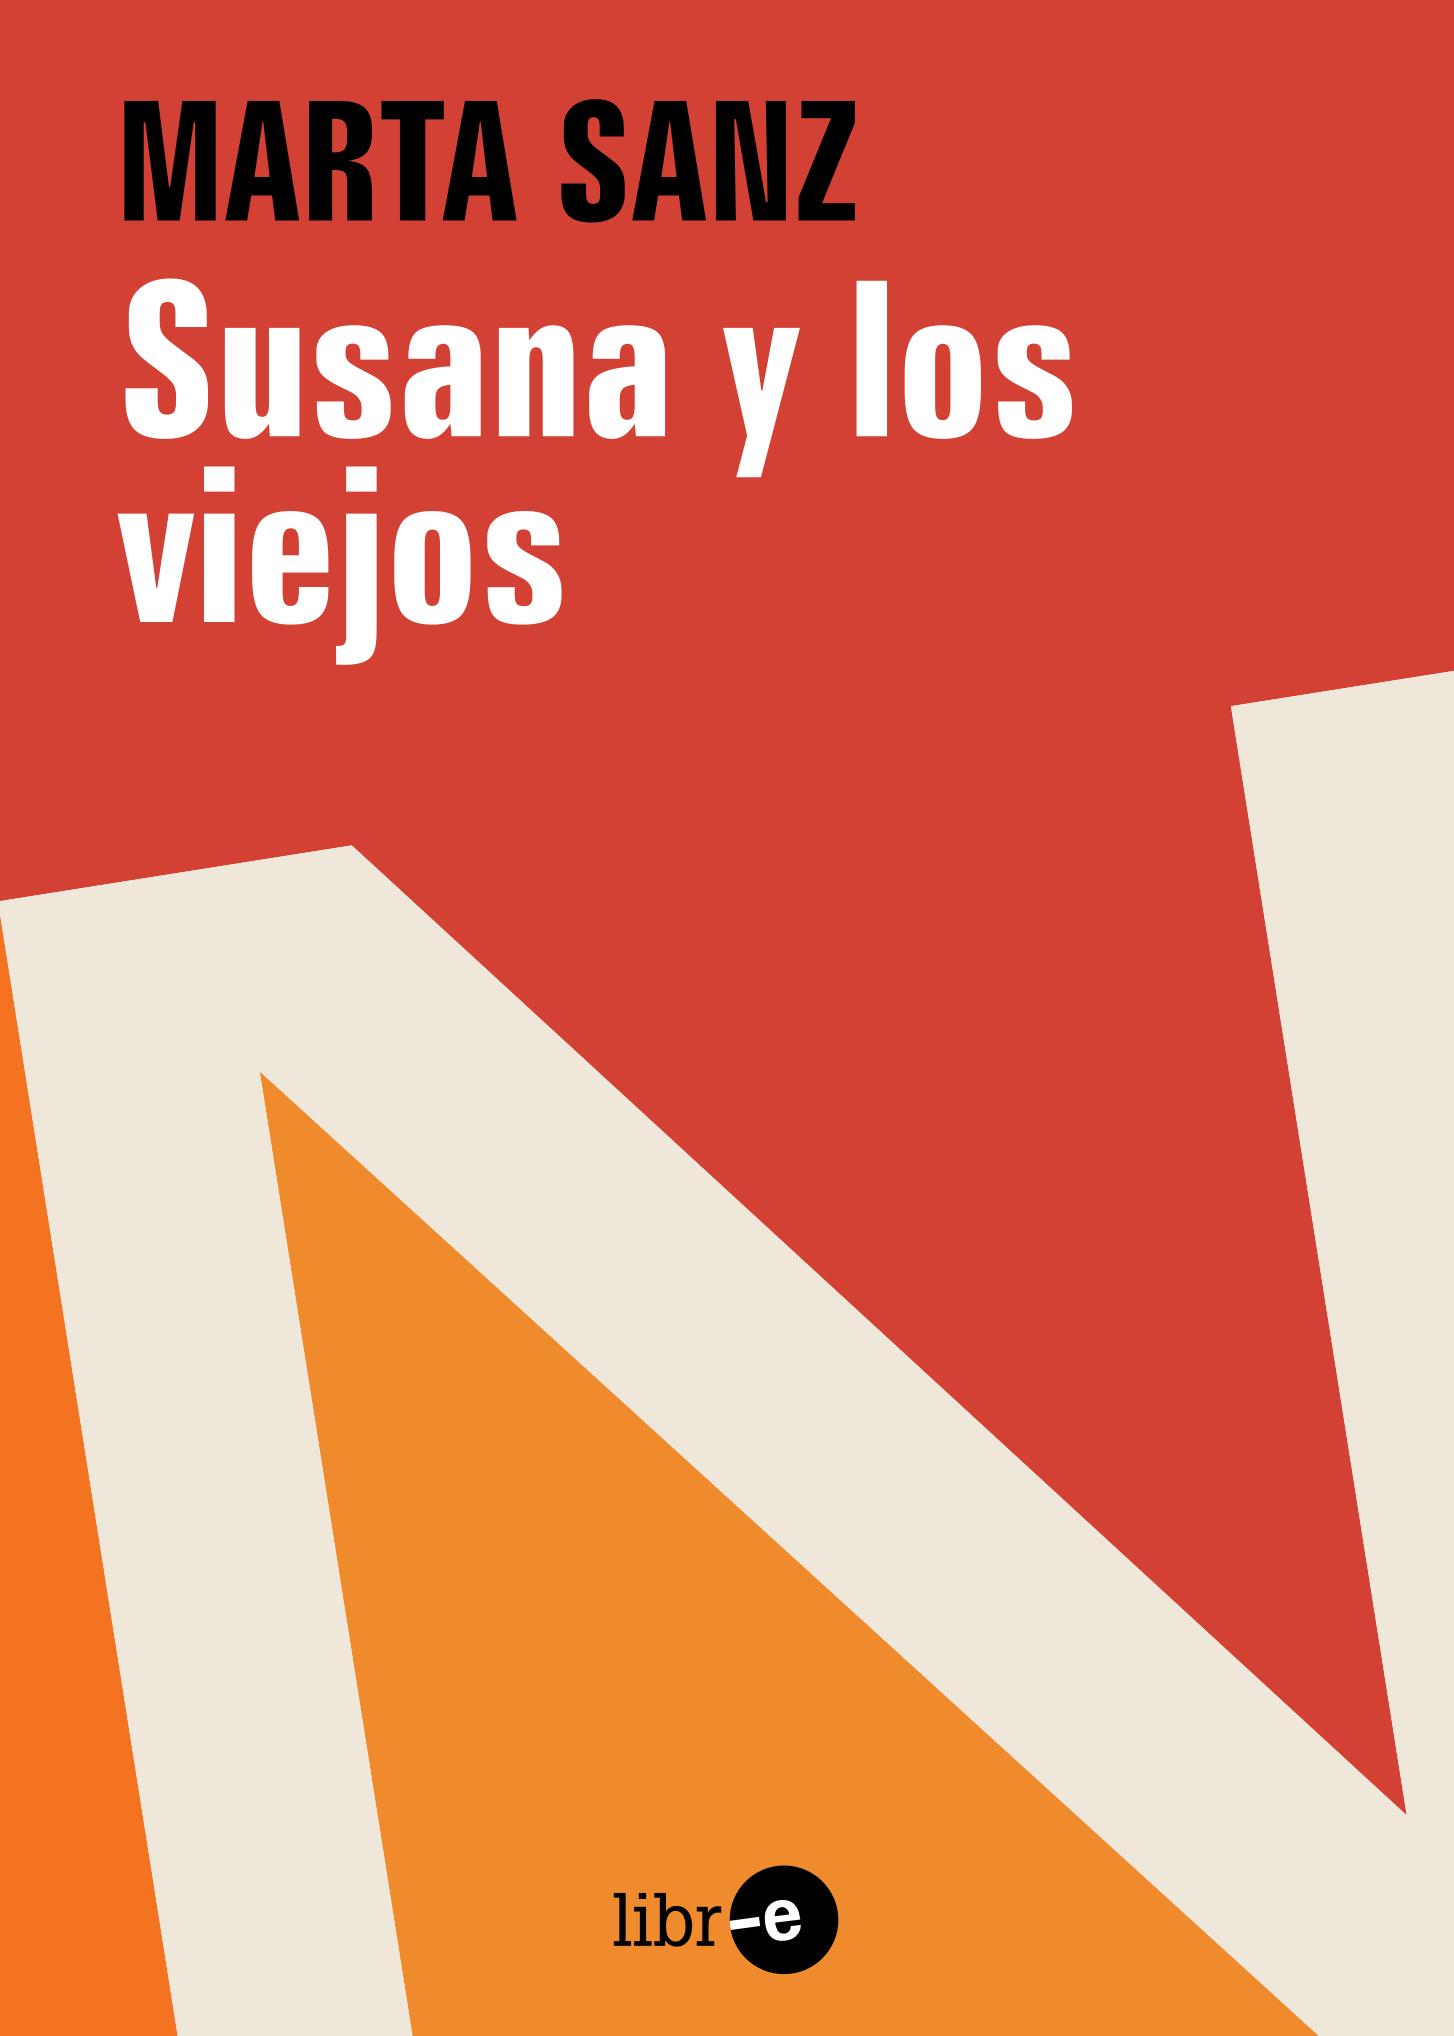 Susana y los viejos, Marta Sanz #ebook #novela #literature #fiction #outofprint Colección Libr-e